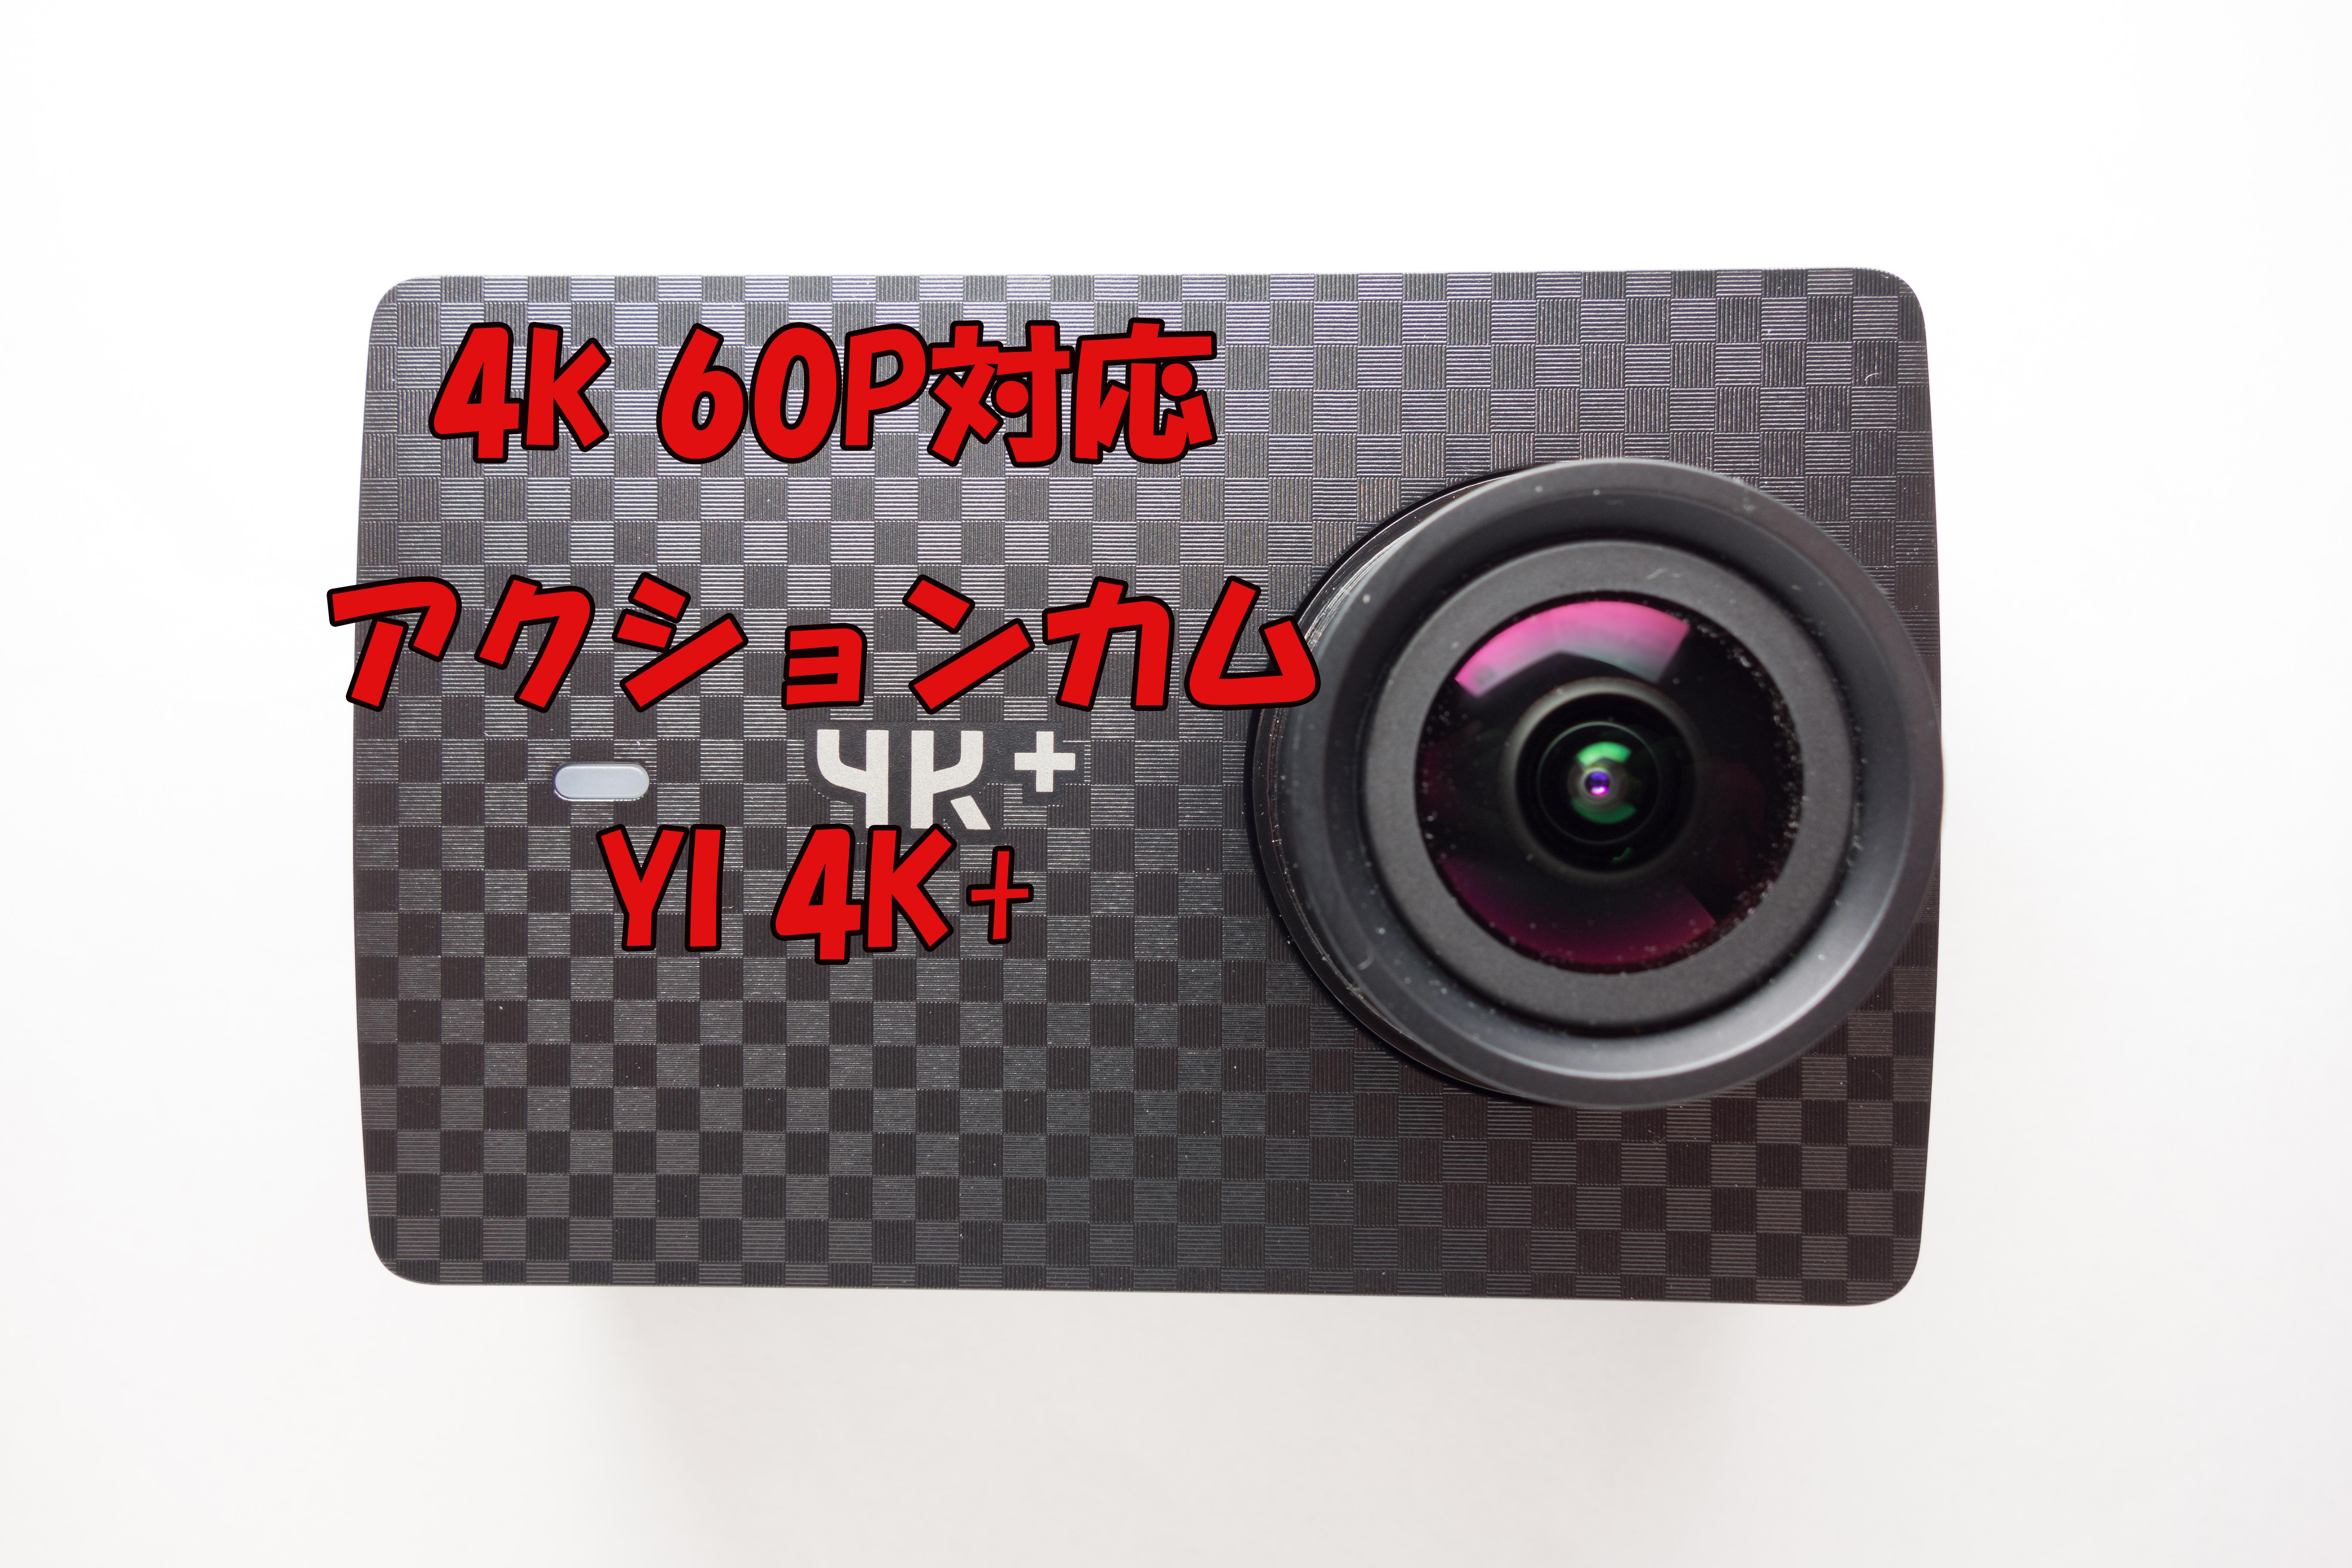 【レビュー】YI 4K+ 4K60P対応アクションカム ~開封編1~